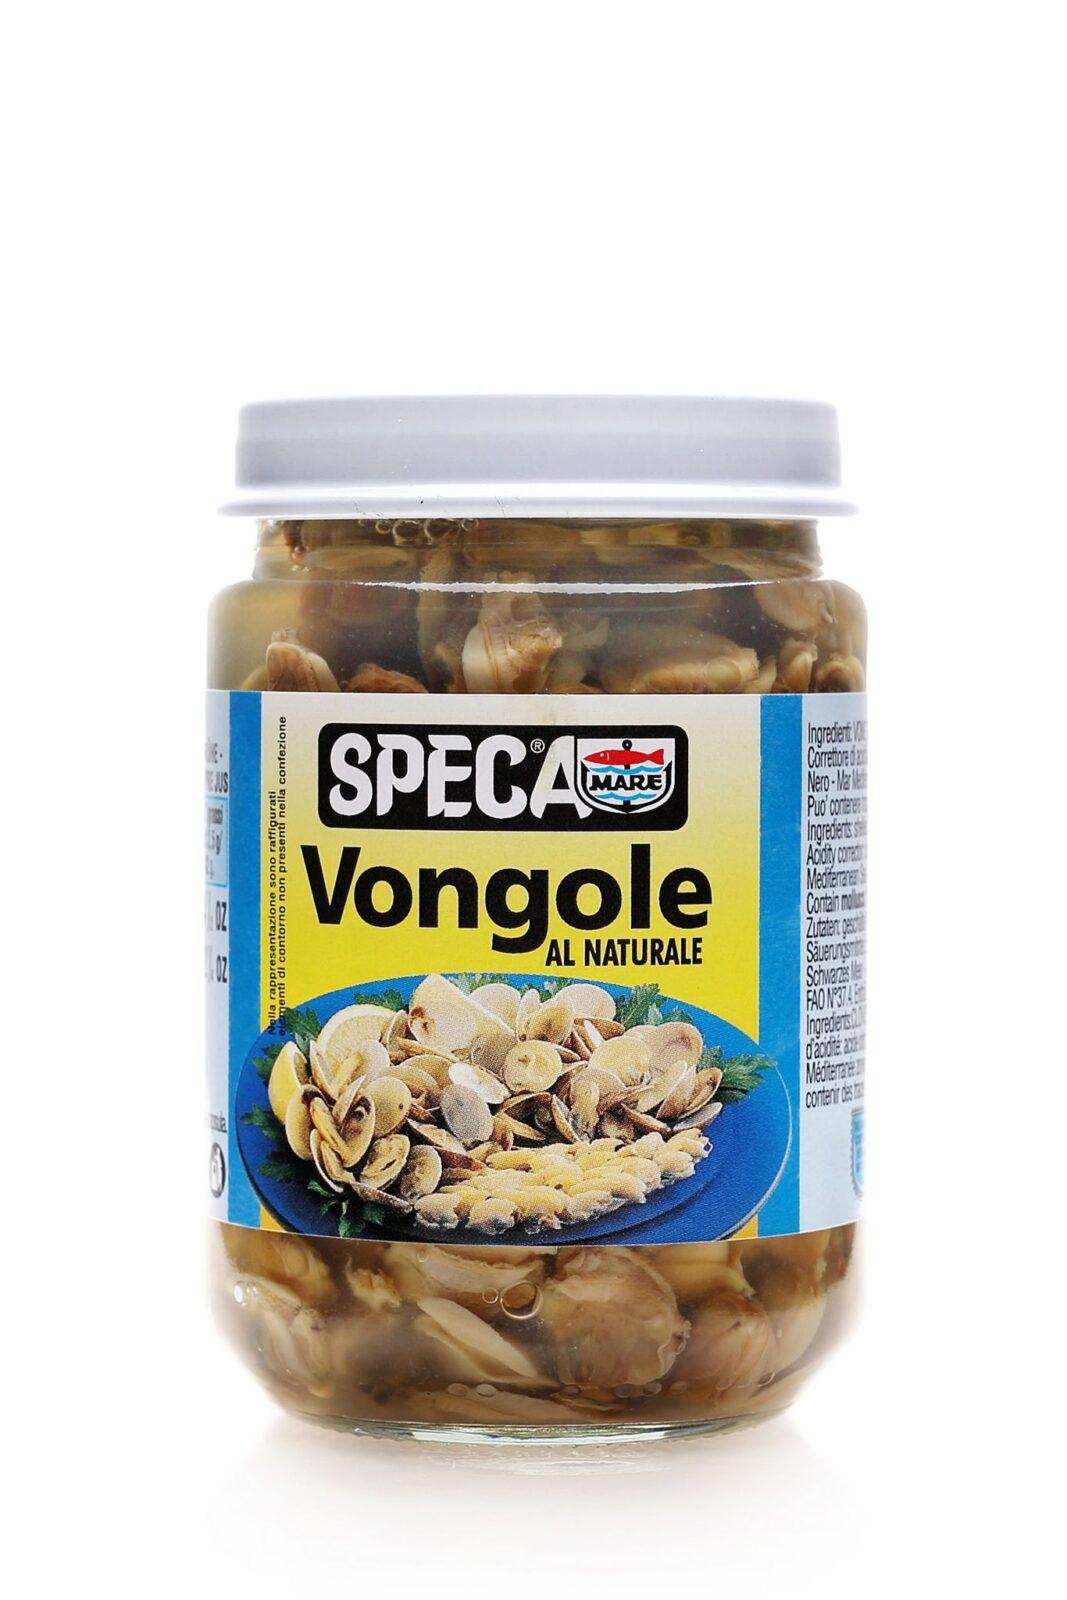 VONGOLE